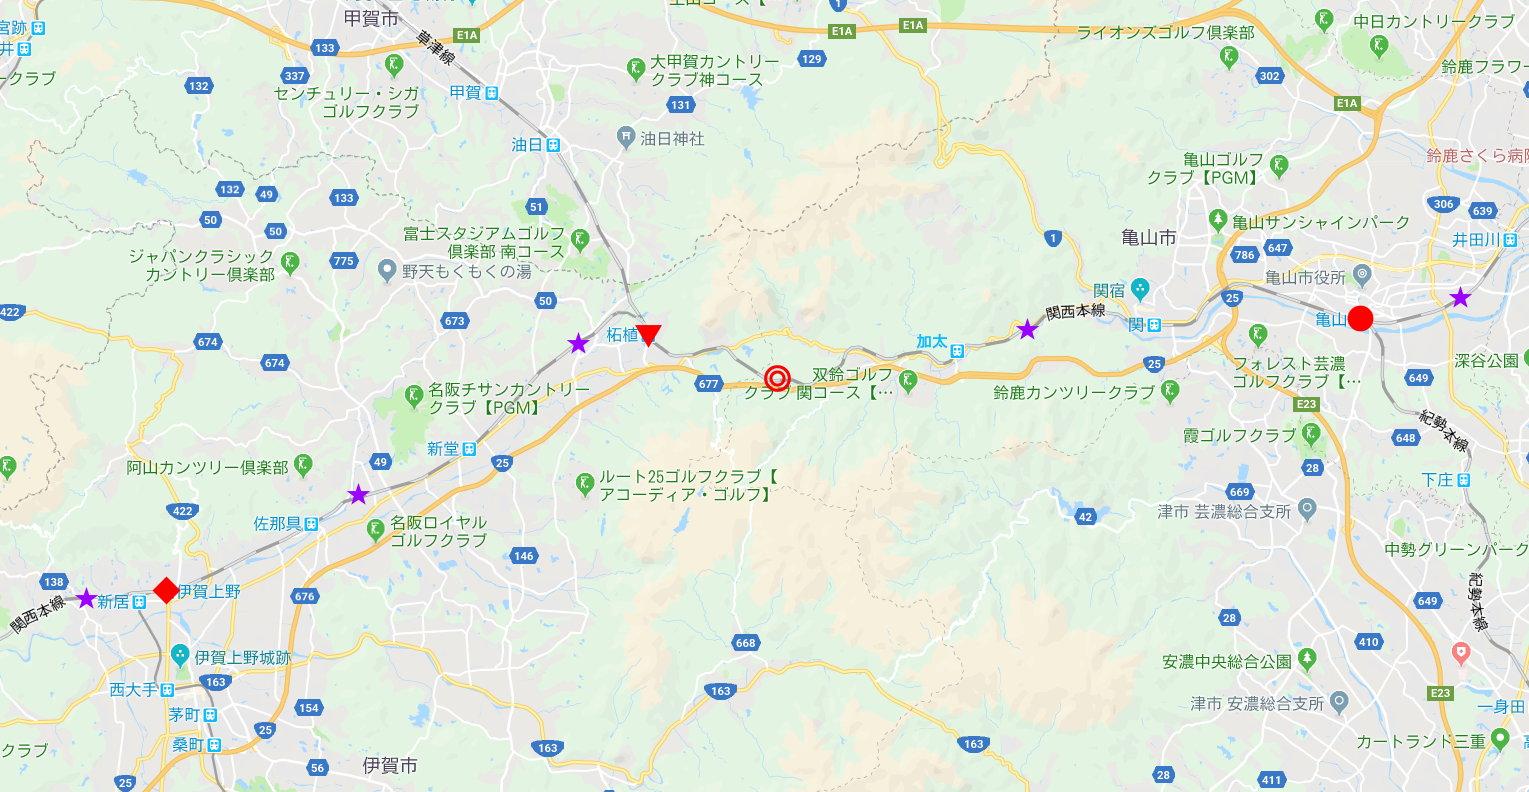 奈良・春の嵐と関西線2013その2-7214